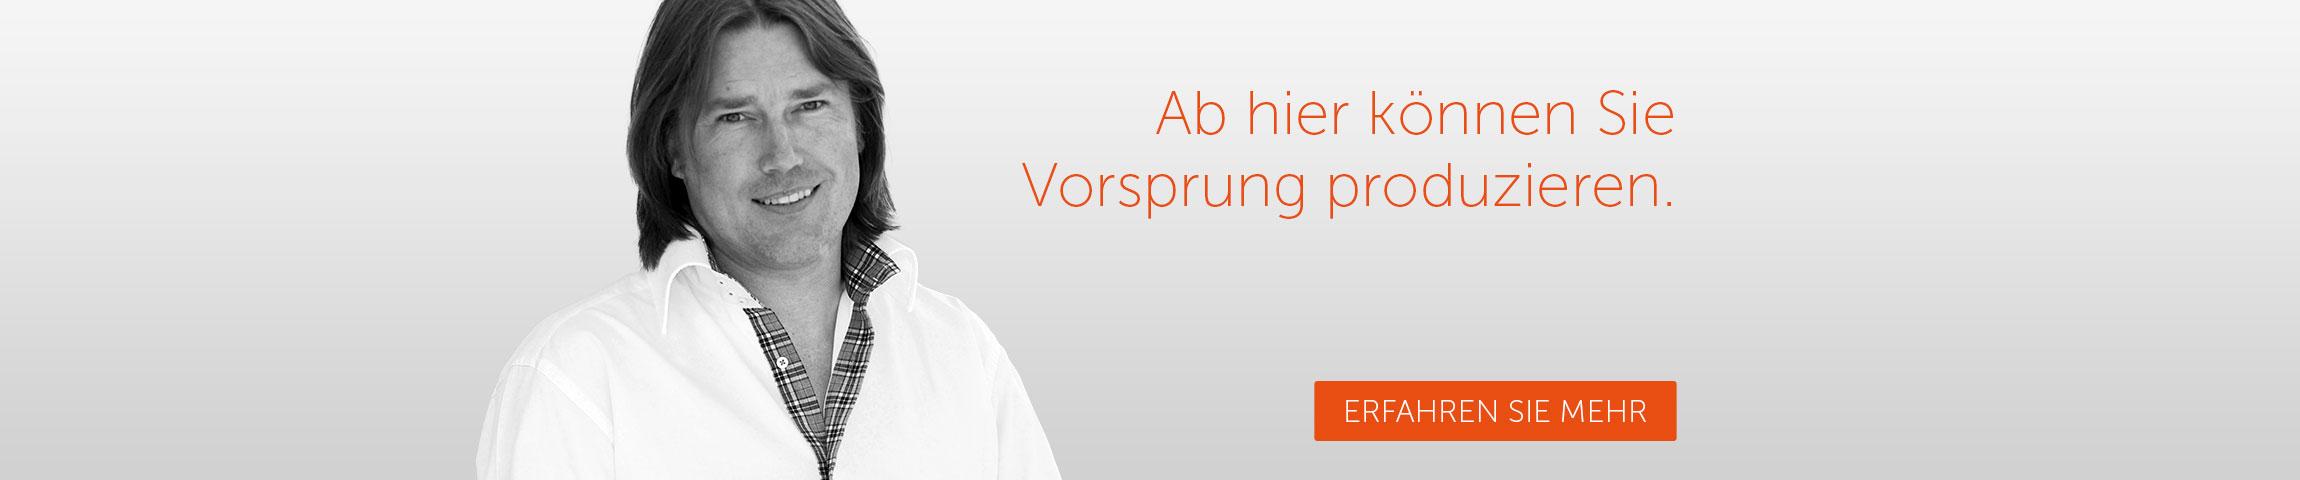 Olaf Kriete